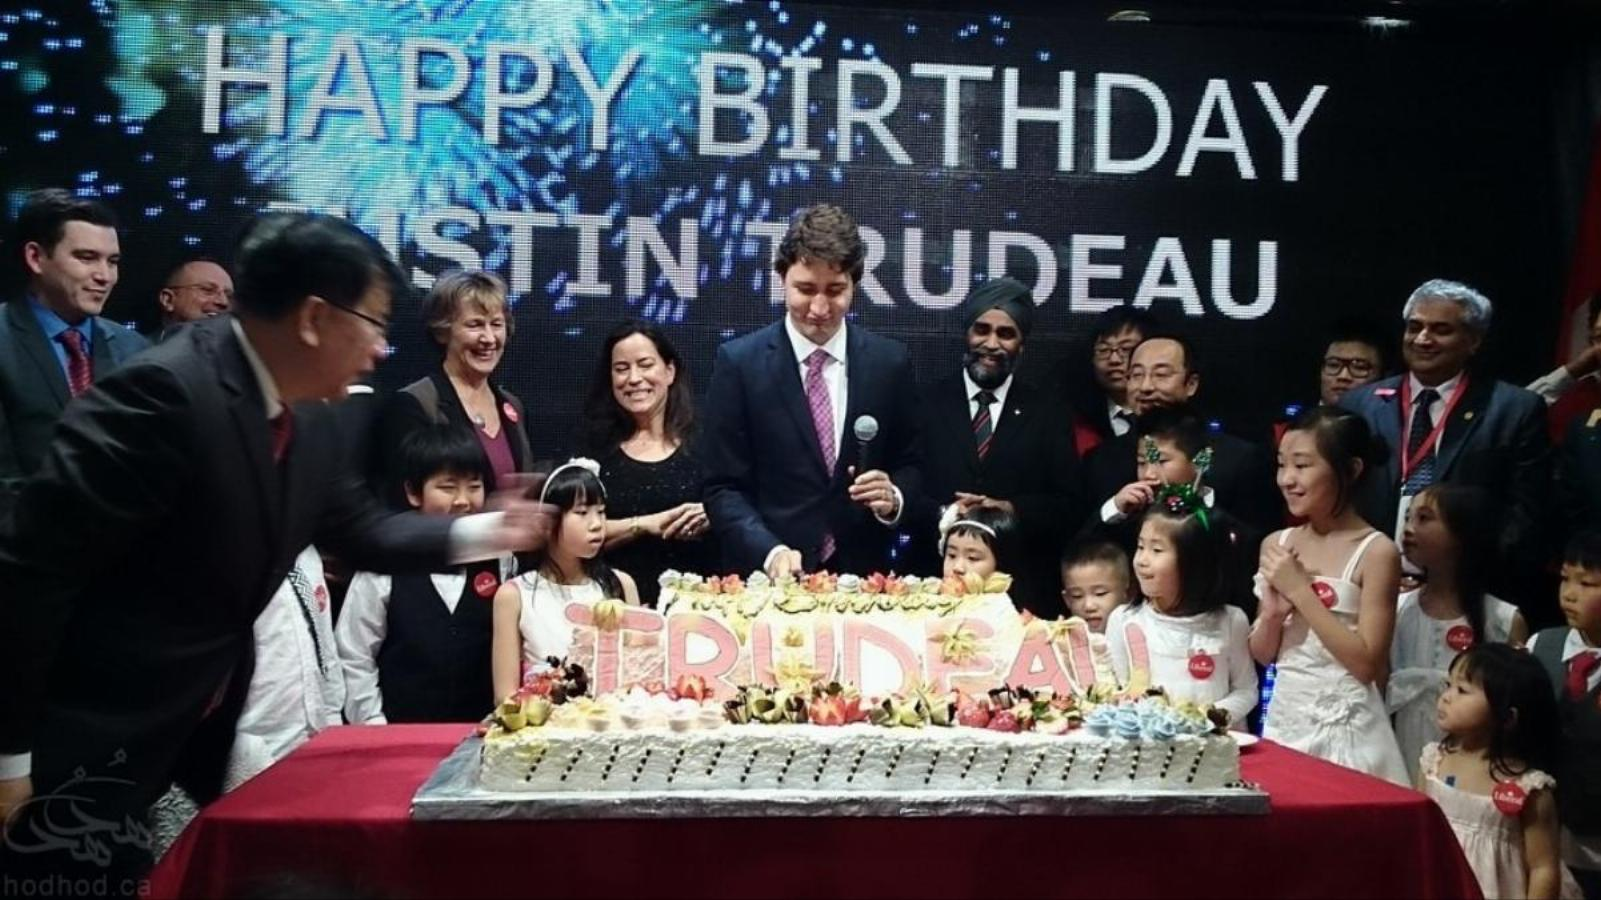 آقای نخست وزیر کریسمس و تولدتان مبارک! پیام جالب جاستین ترودو به مناسبت کریسمس و تولد خودش